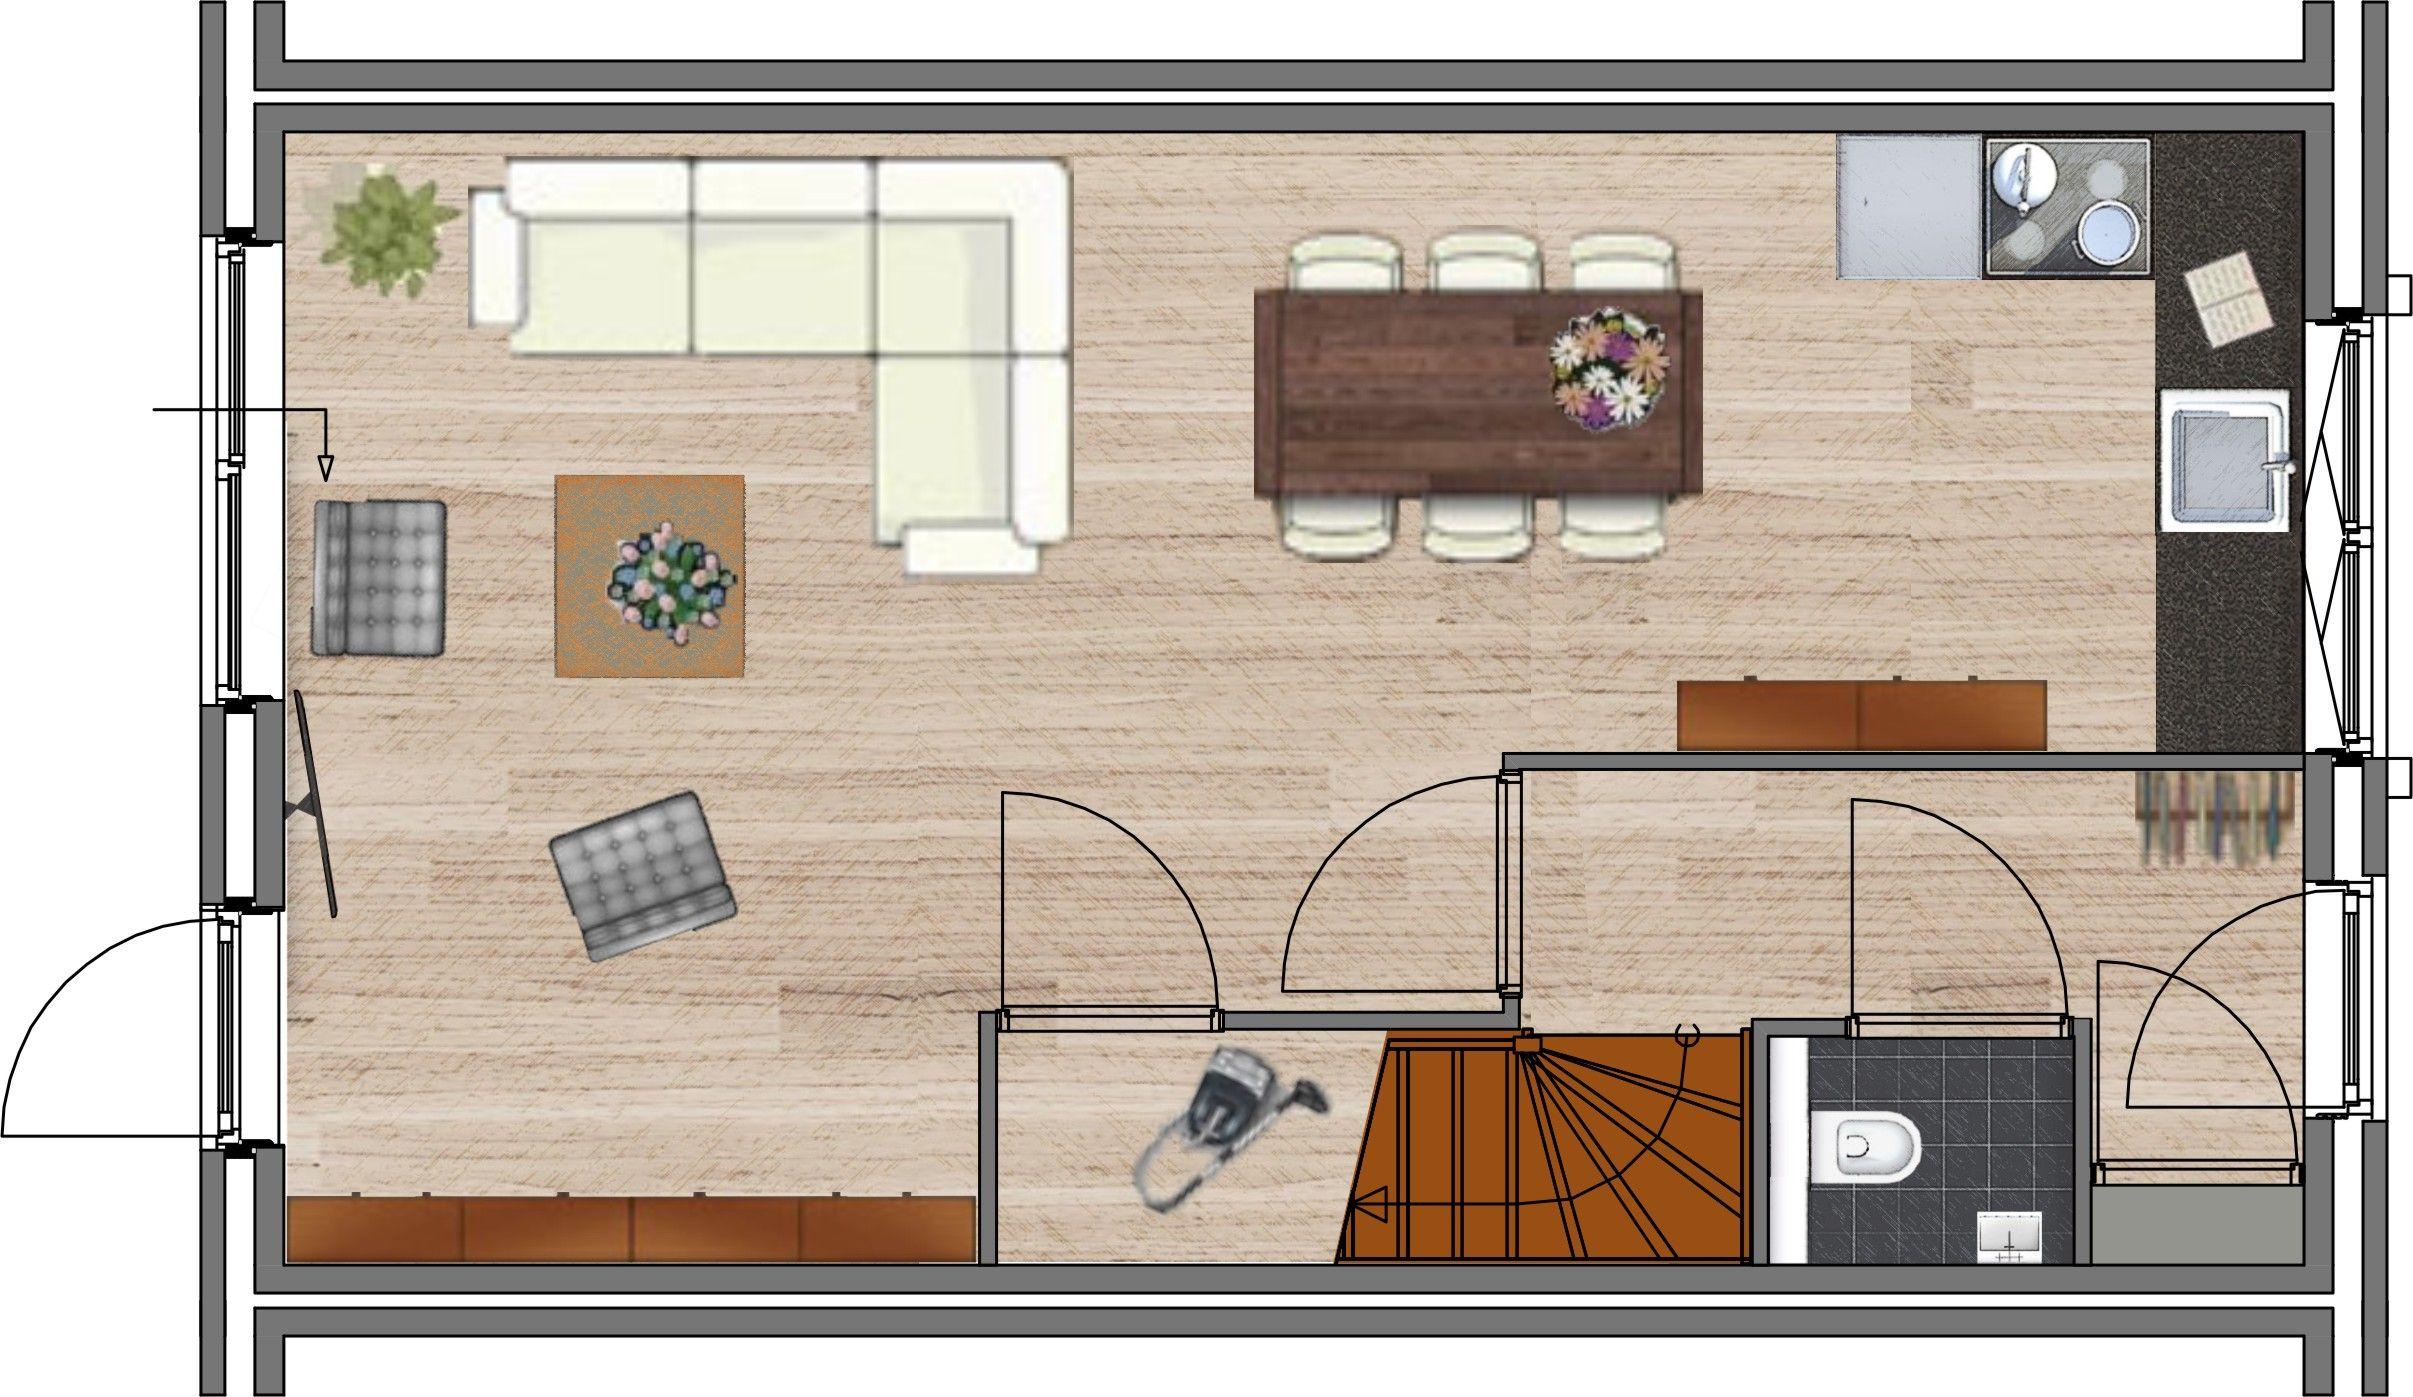 Afbeeldingsresultaat voor nieuwbouwwoning inrichten | Home Decor ...